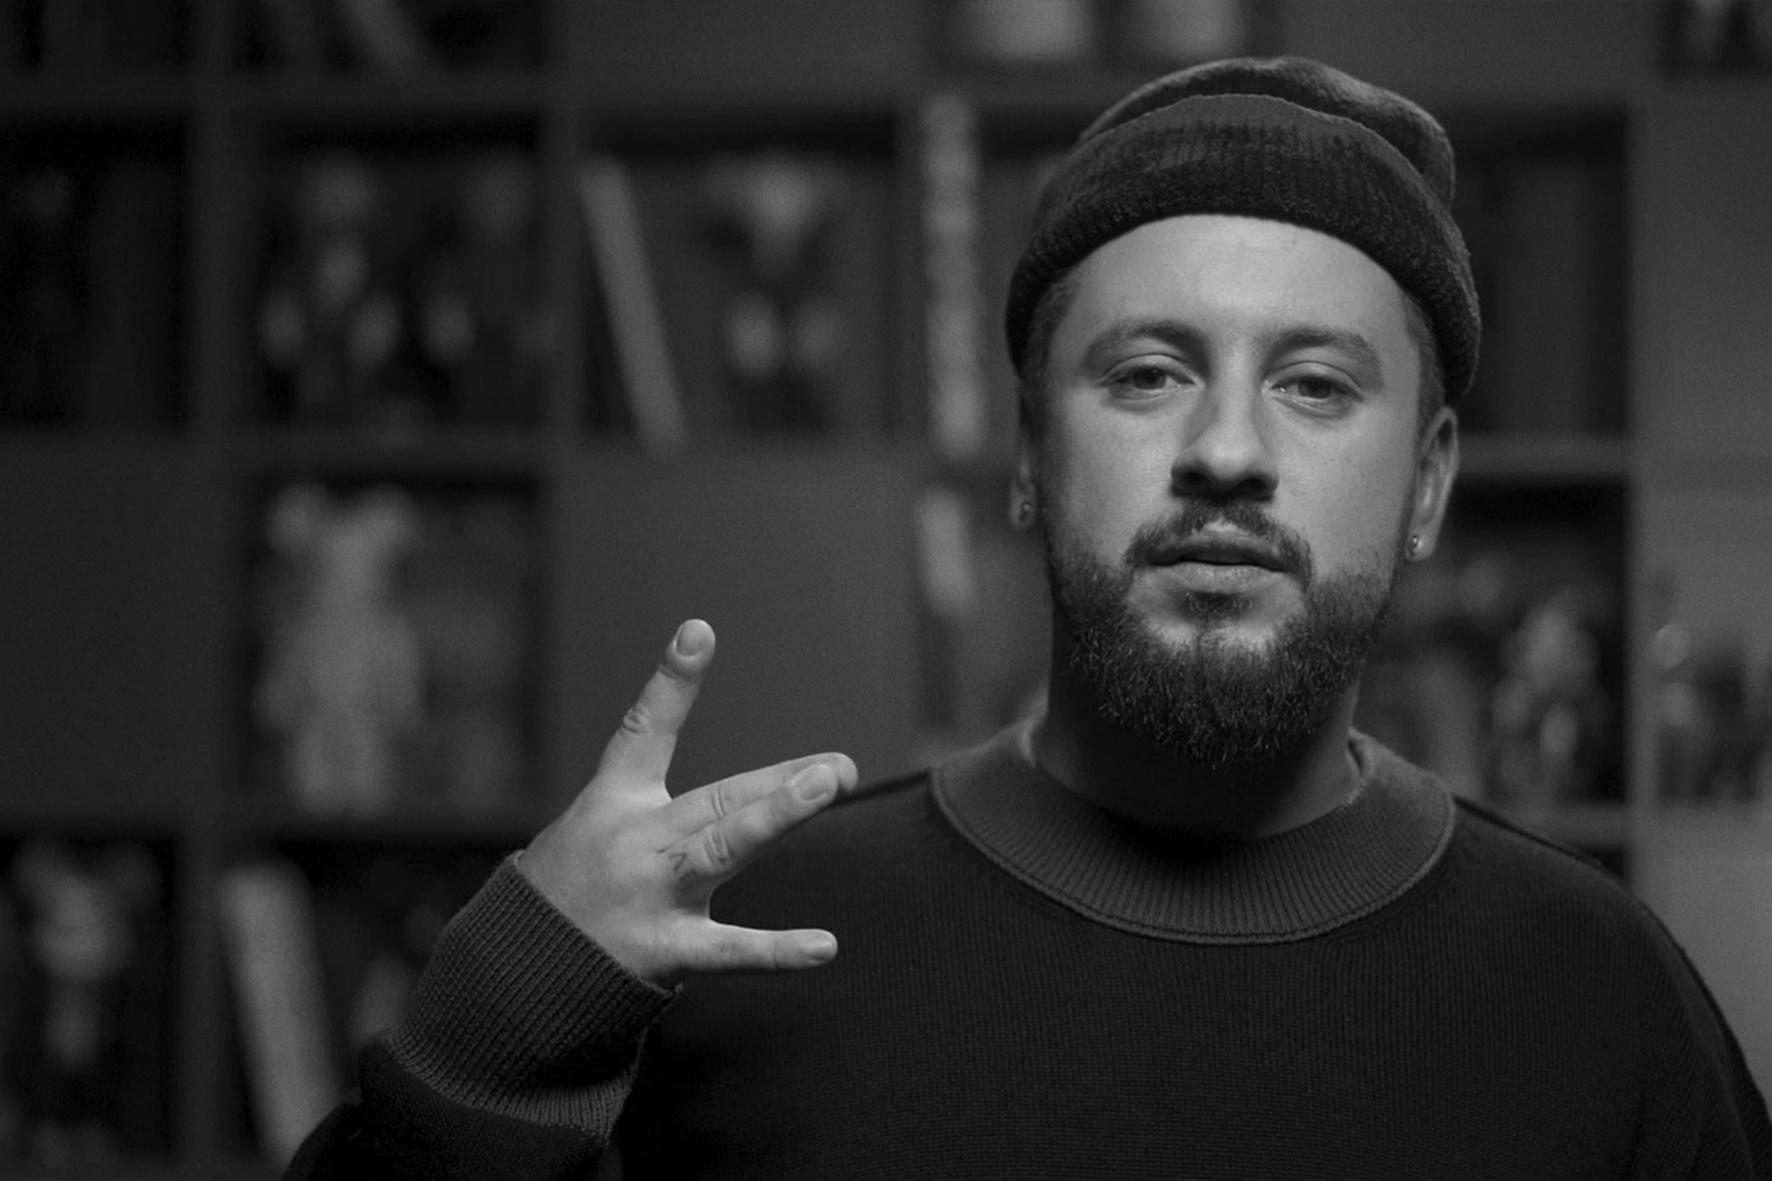 прем'єра нової серії документального серіалу про українську культуру СПАЛАХ